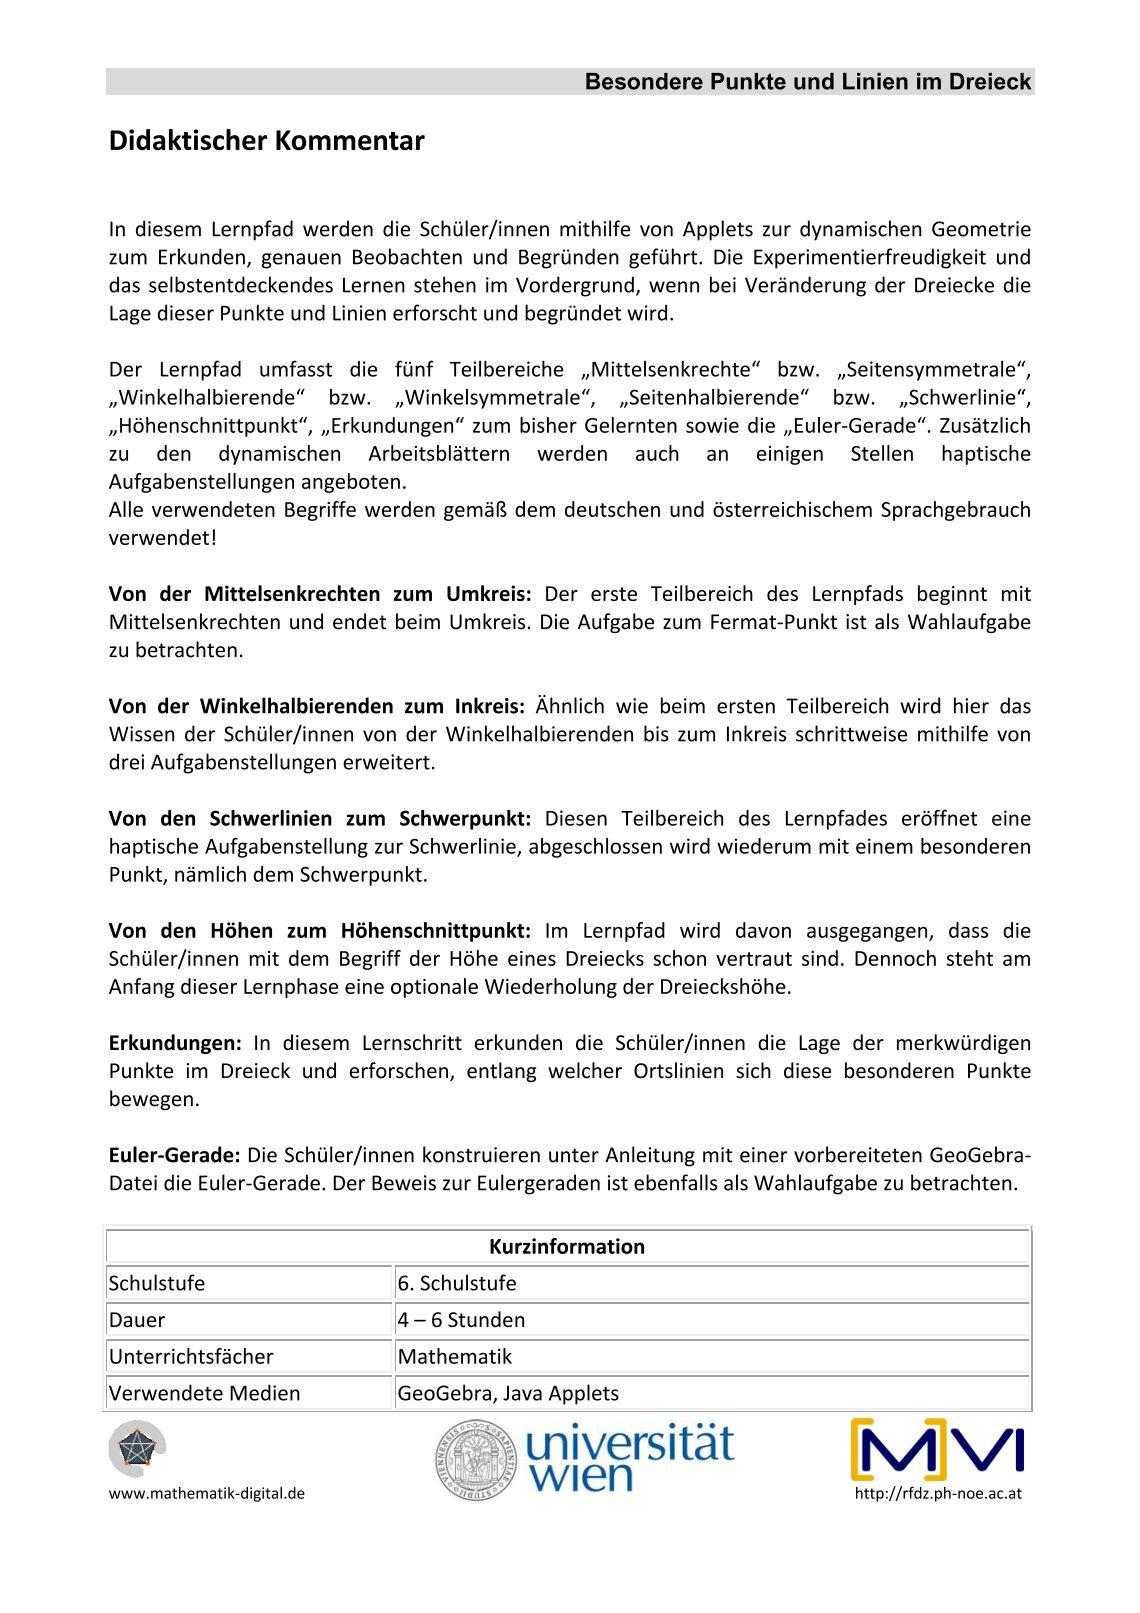 Ausgezeichnet Arbeitsblatt Englisch Und Mathematik Arbeitsblätter ...